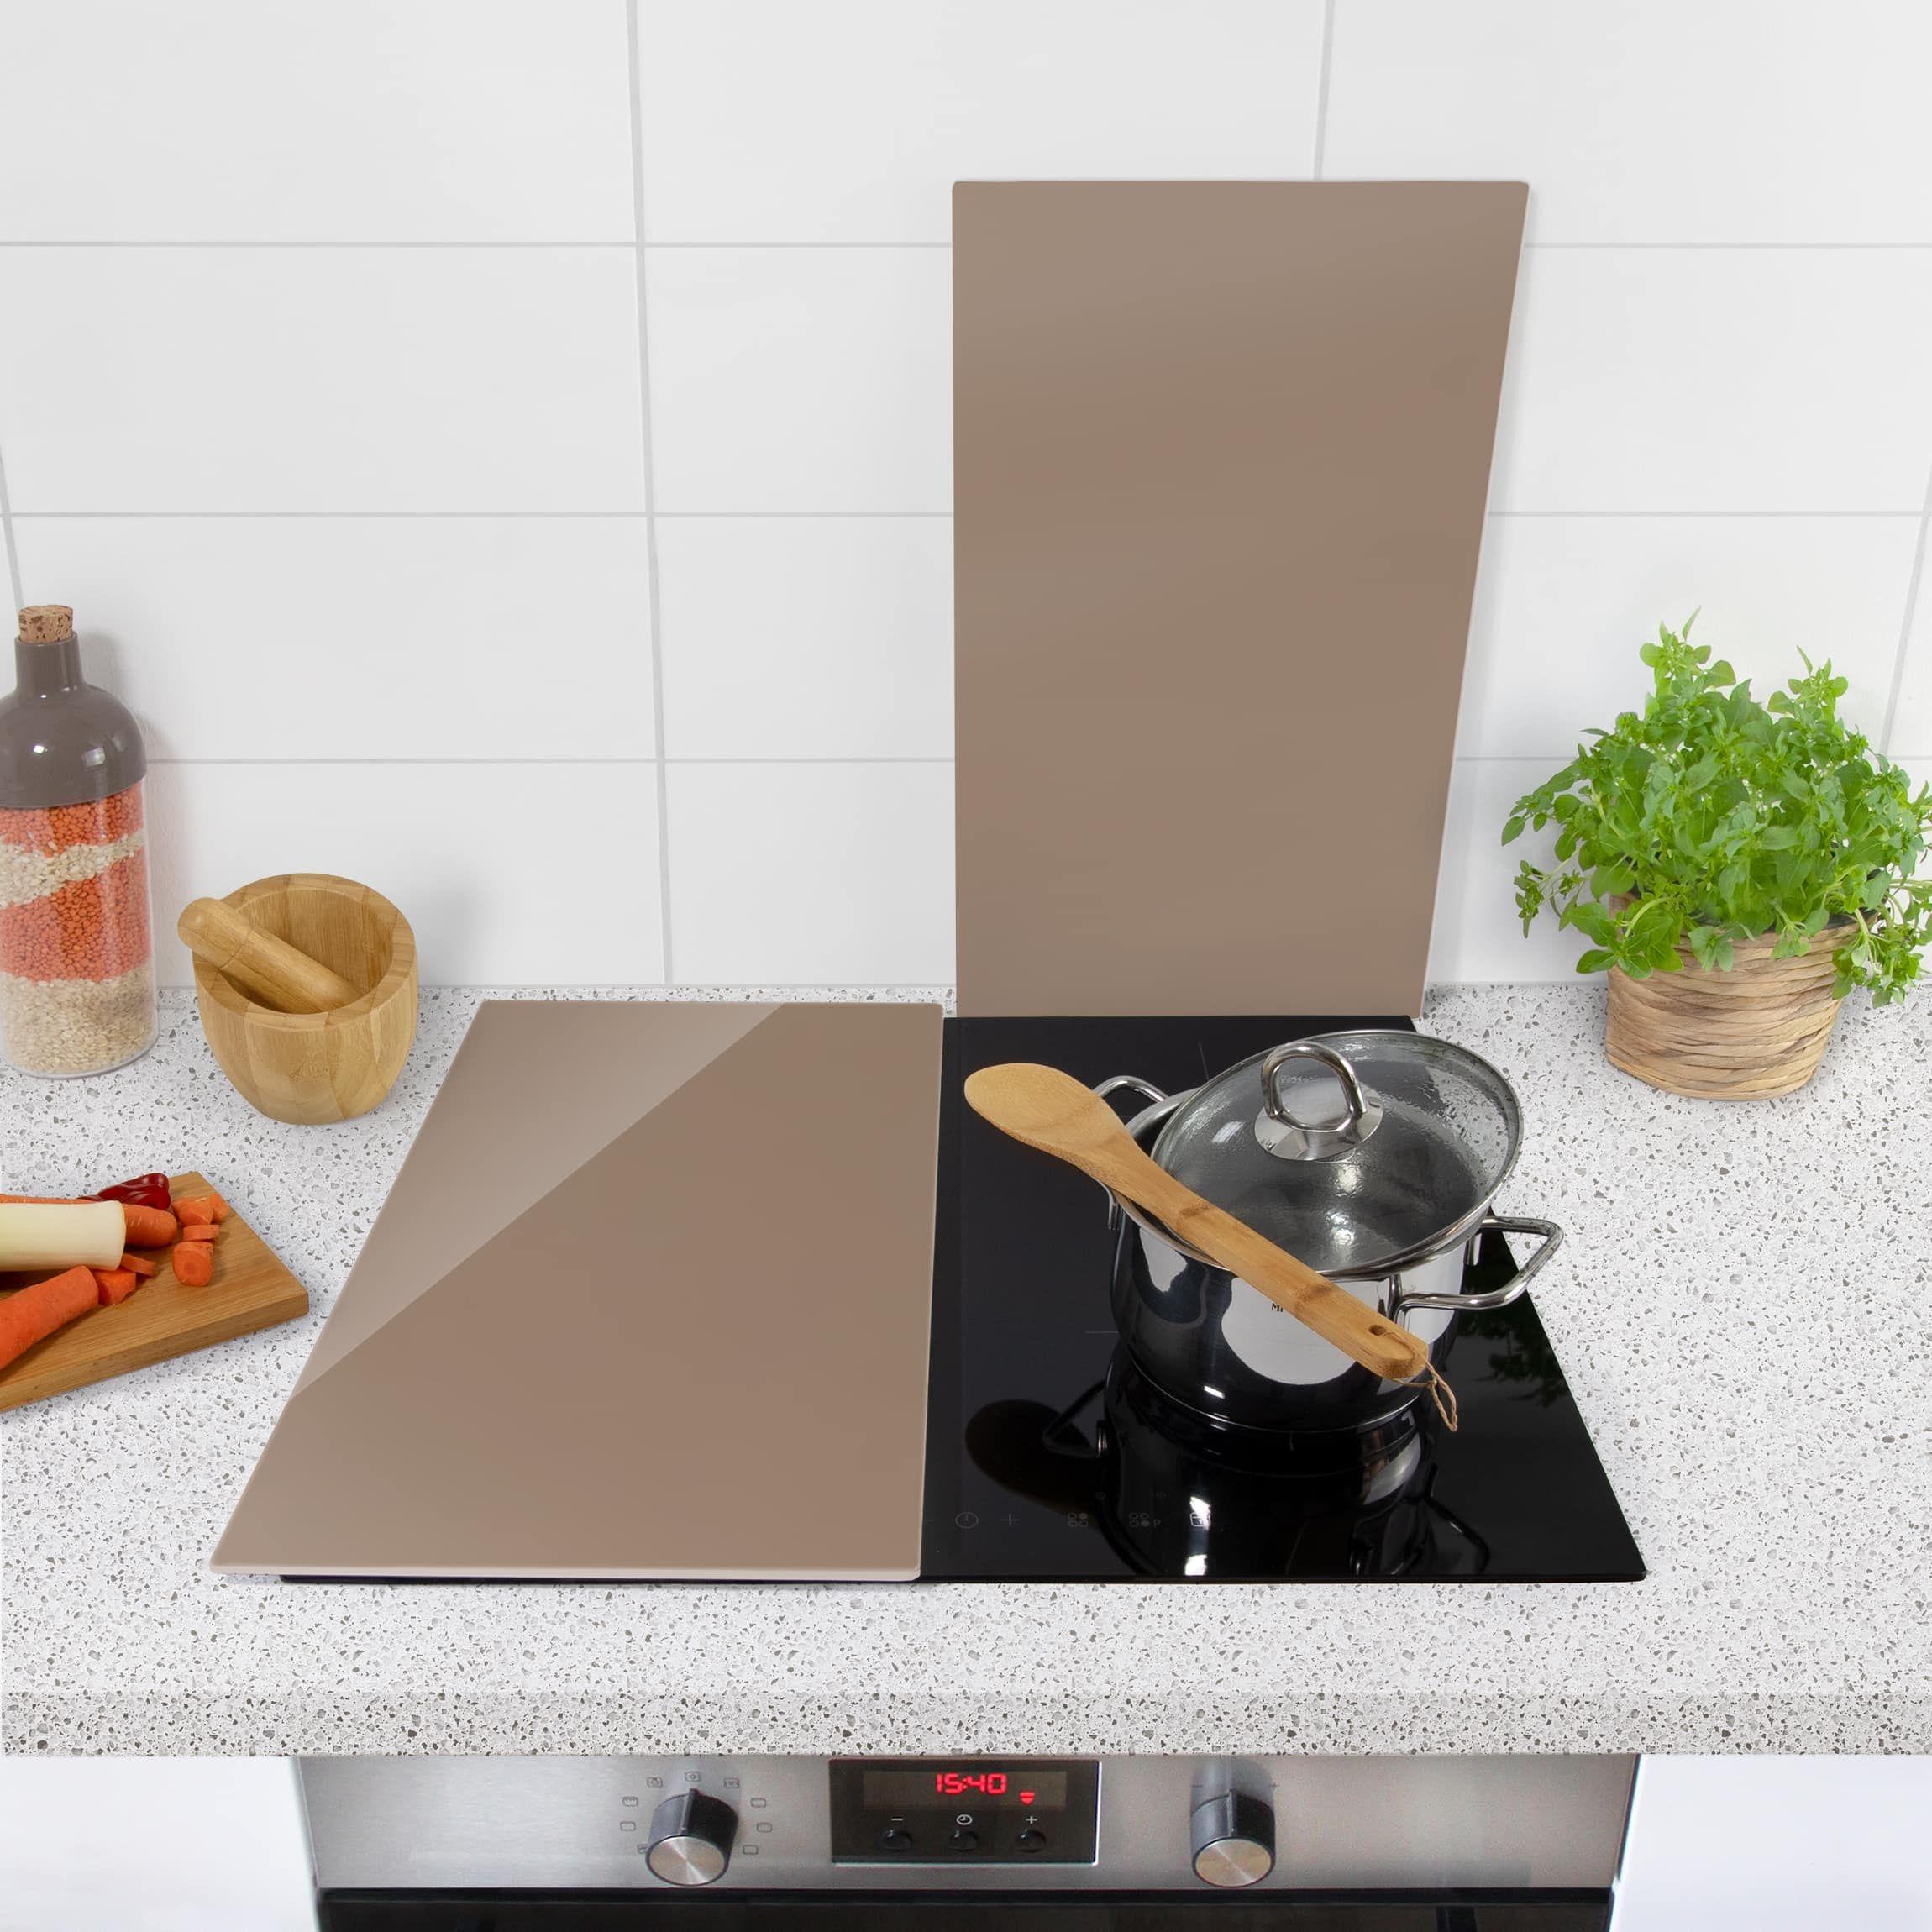 Tagliere Per Piano Cucina coprifornelli in vetro - mocca - 52x60cm | paraschizzi, luce